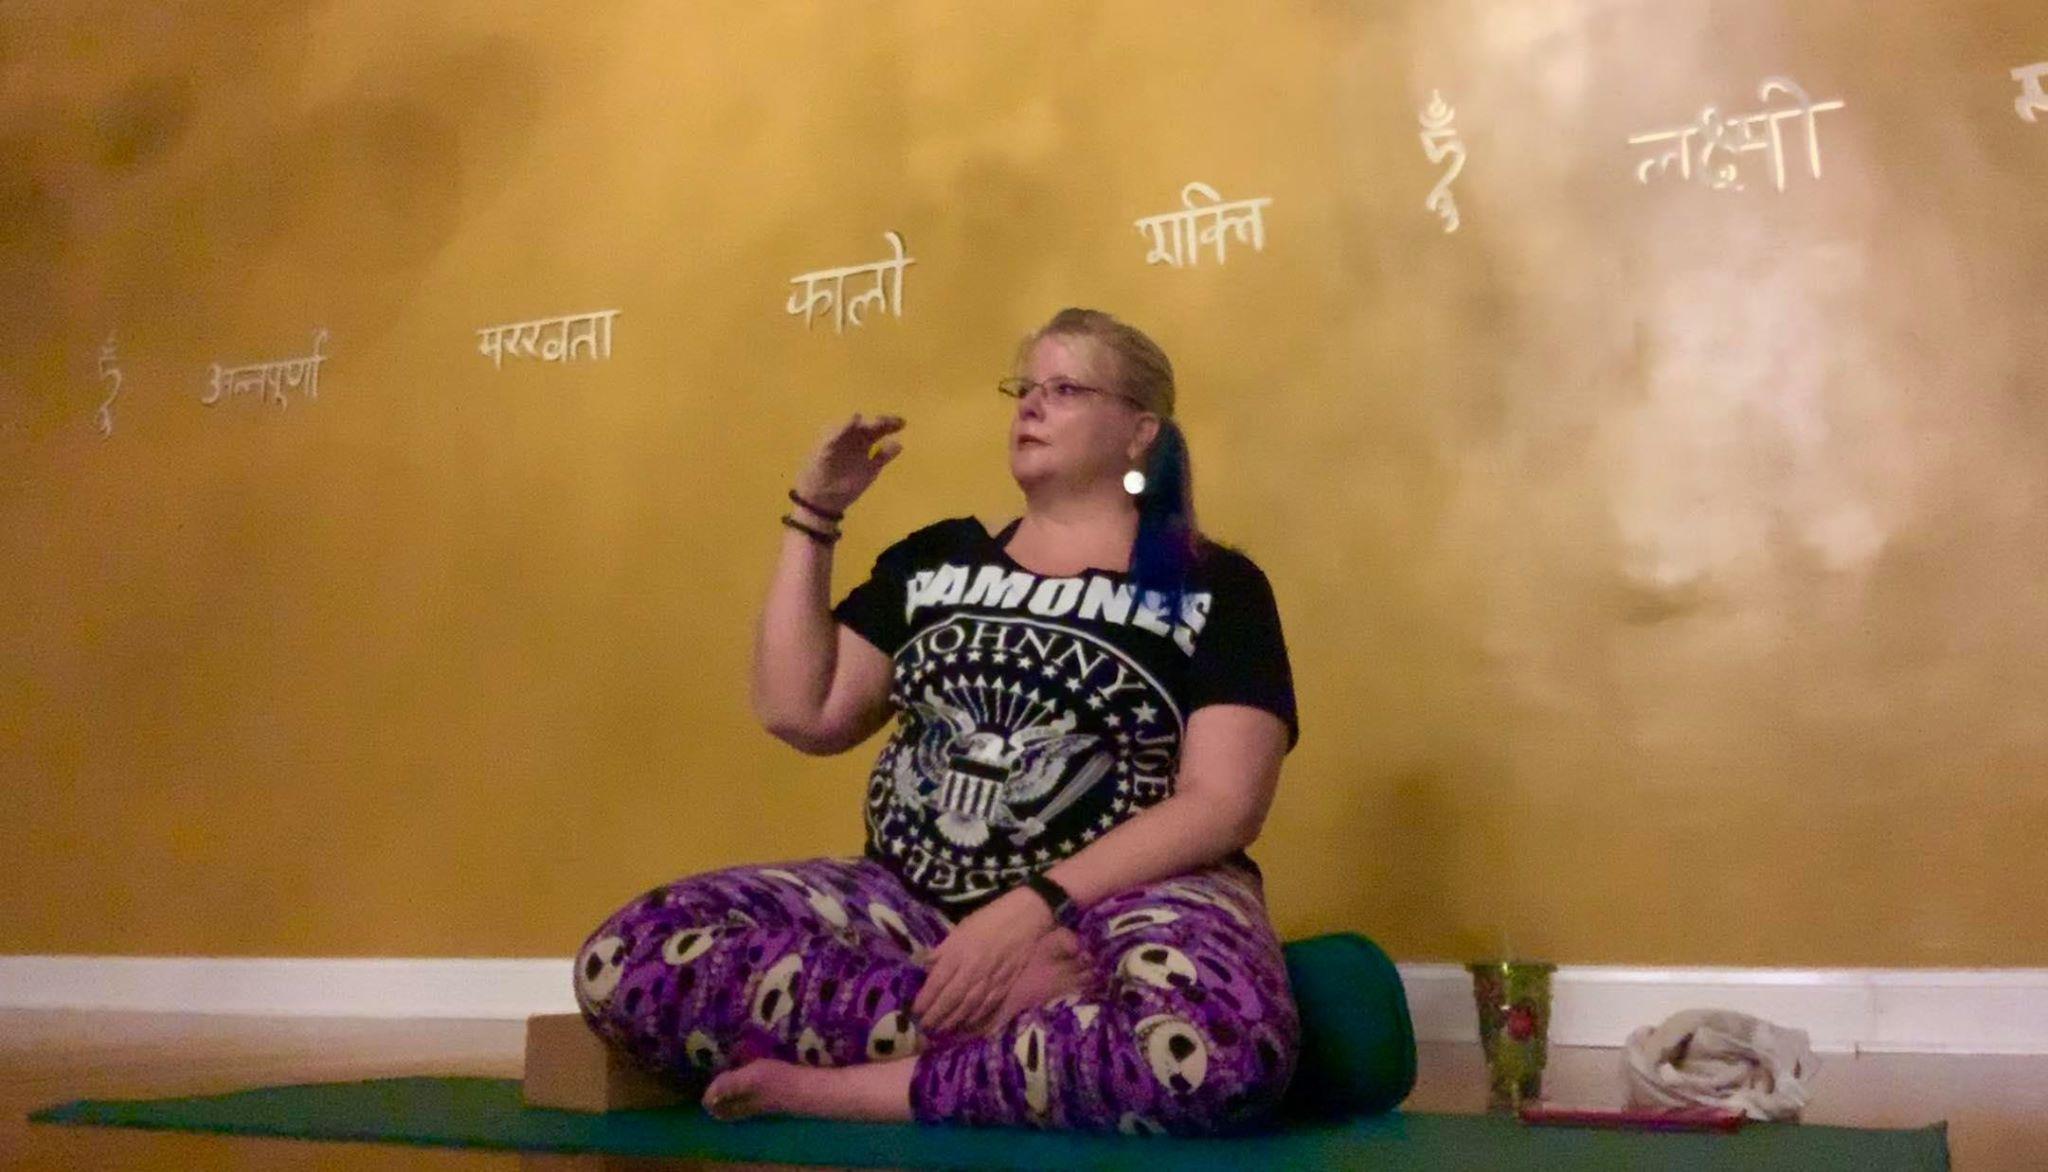 Dharma Talk: The Three Knots (7:27)